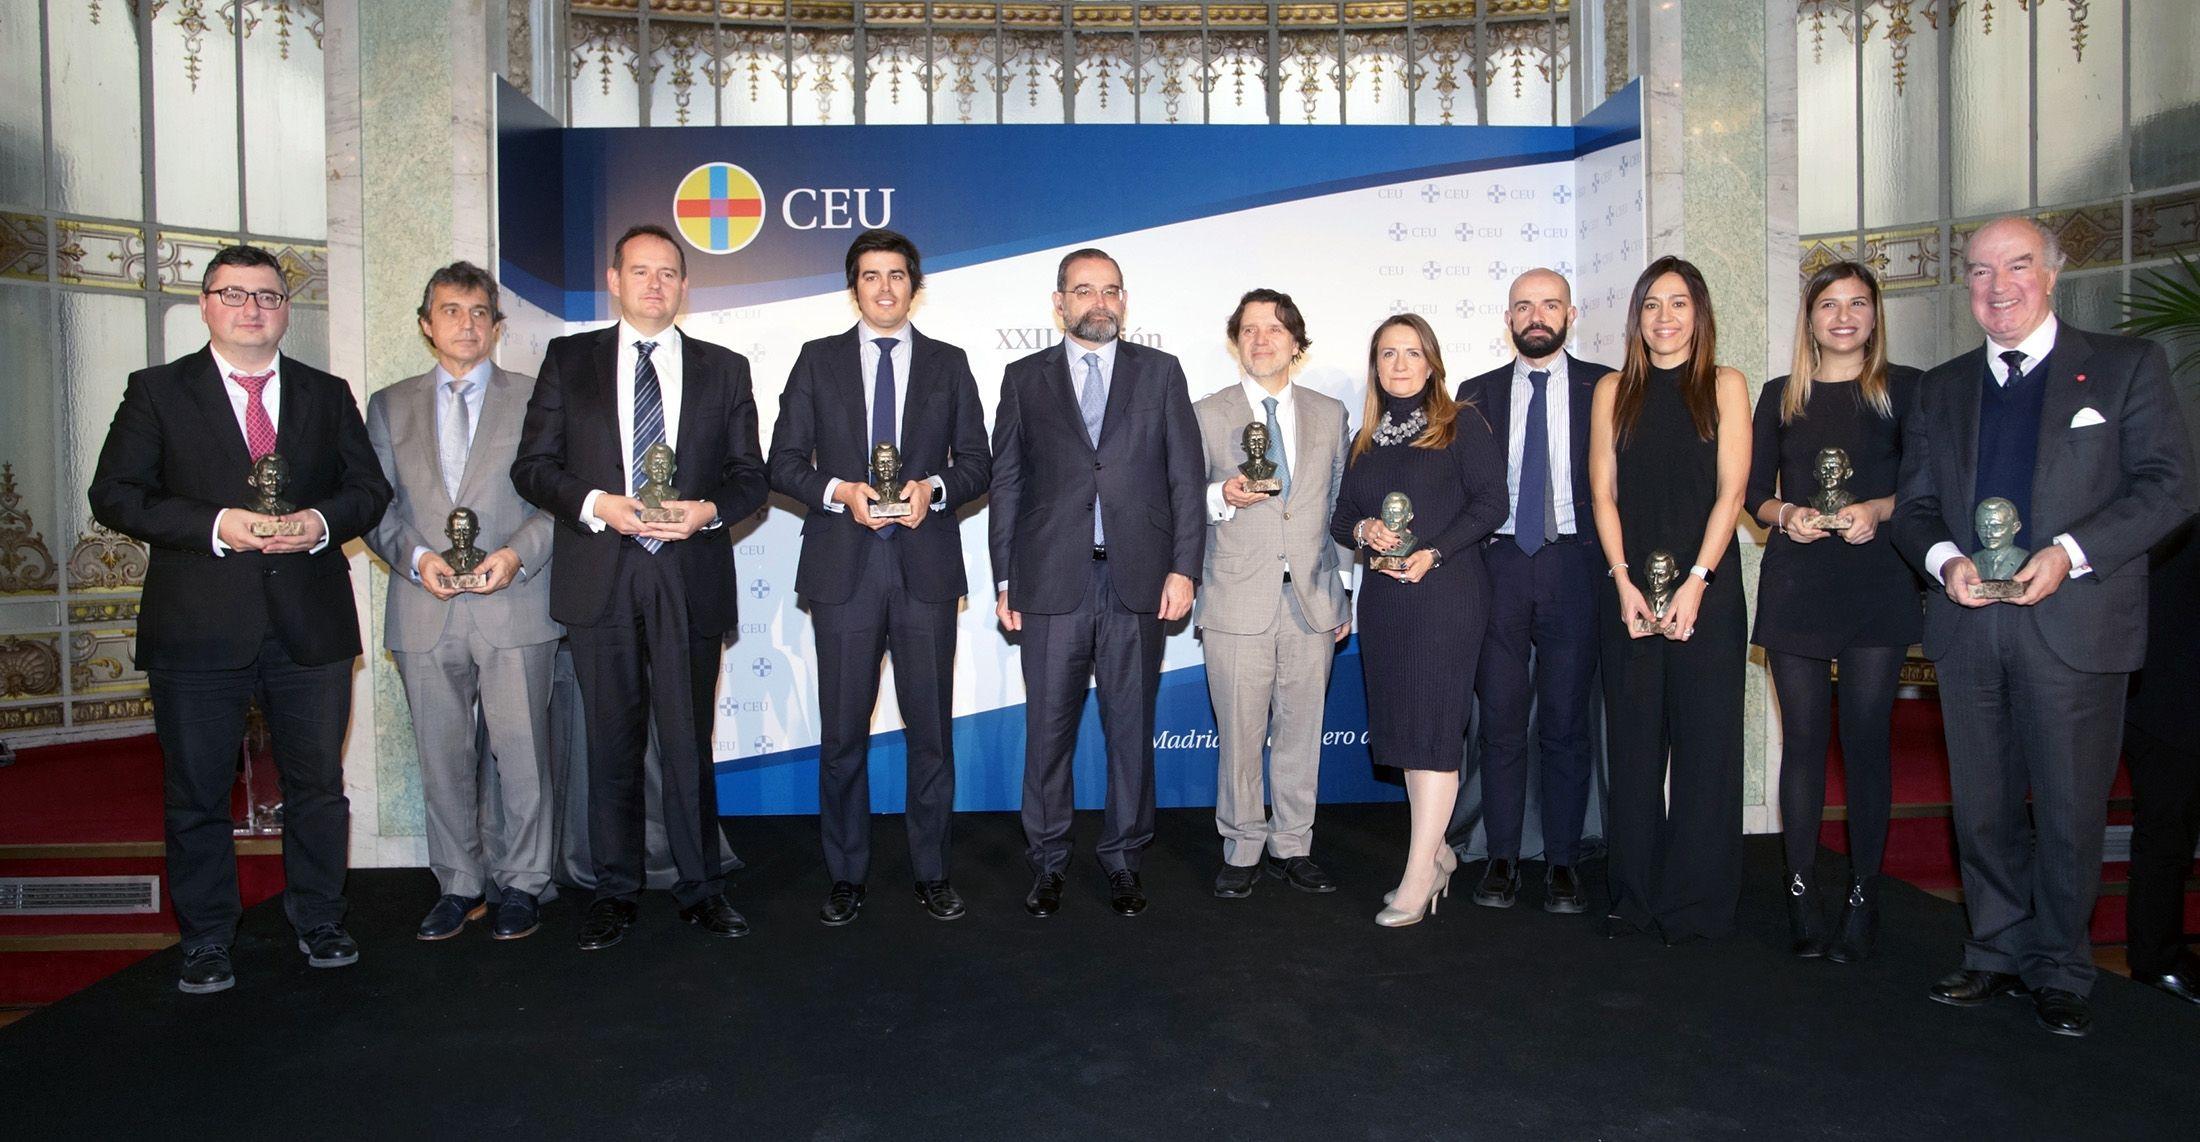 Vilarroig, a la izquierda, junto a los galardonados en la XXII edición de los Premios Ángel Herrera.